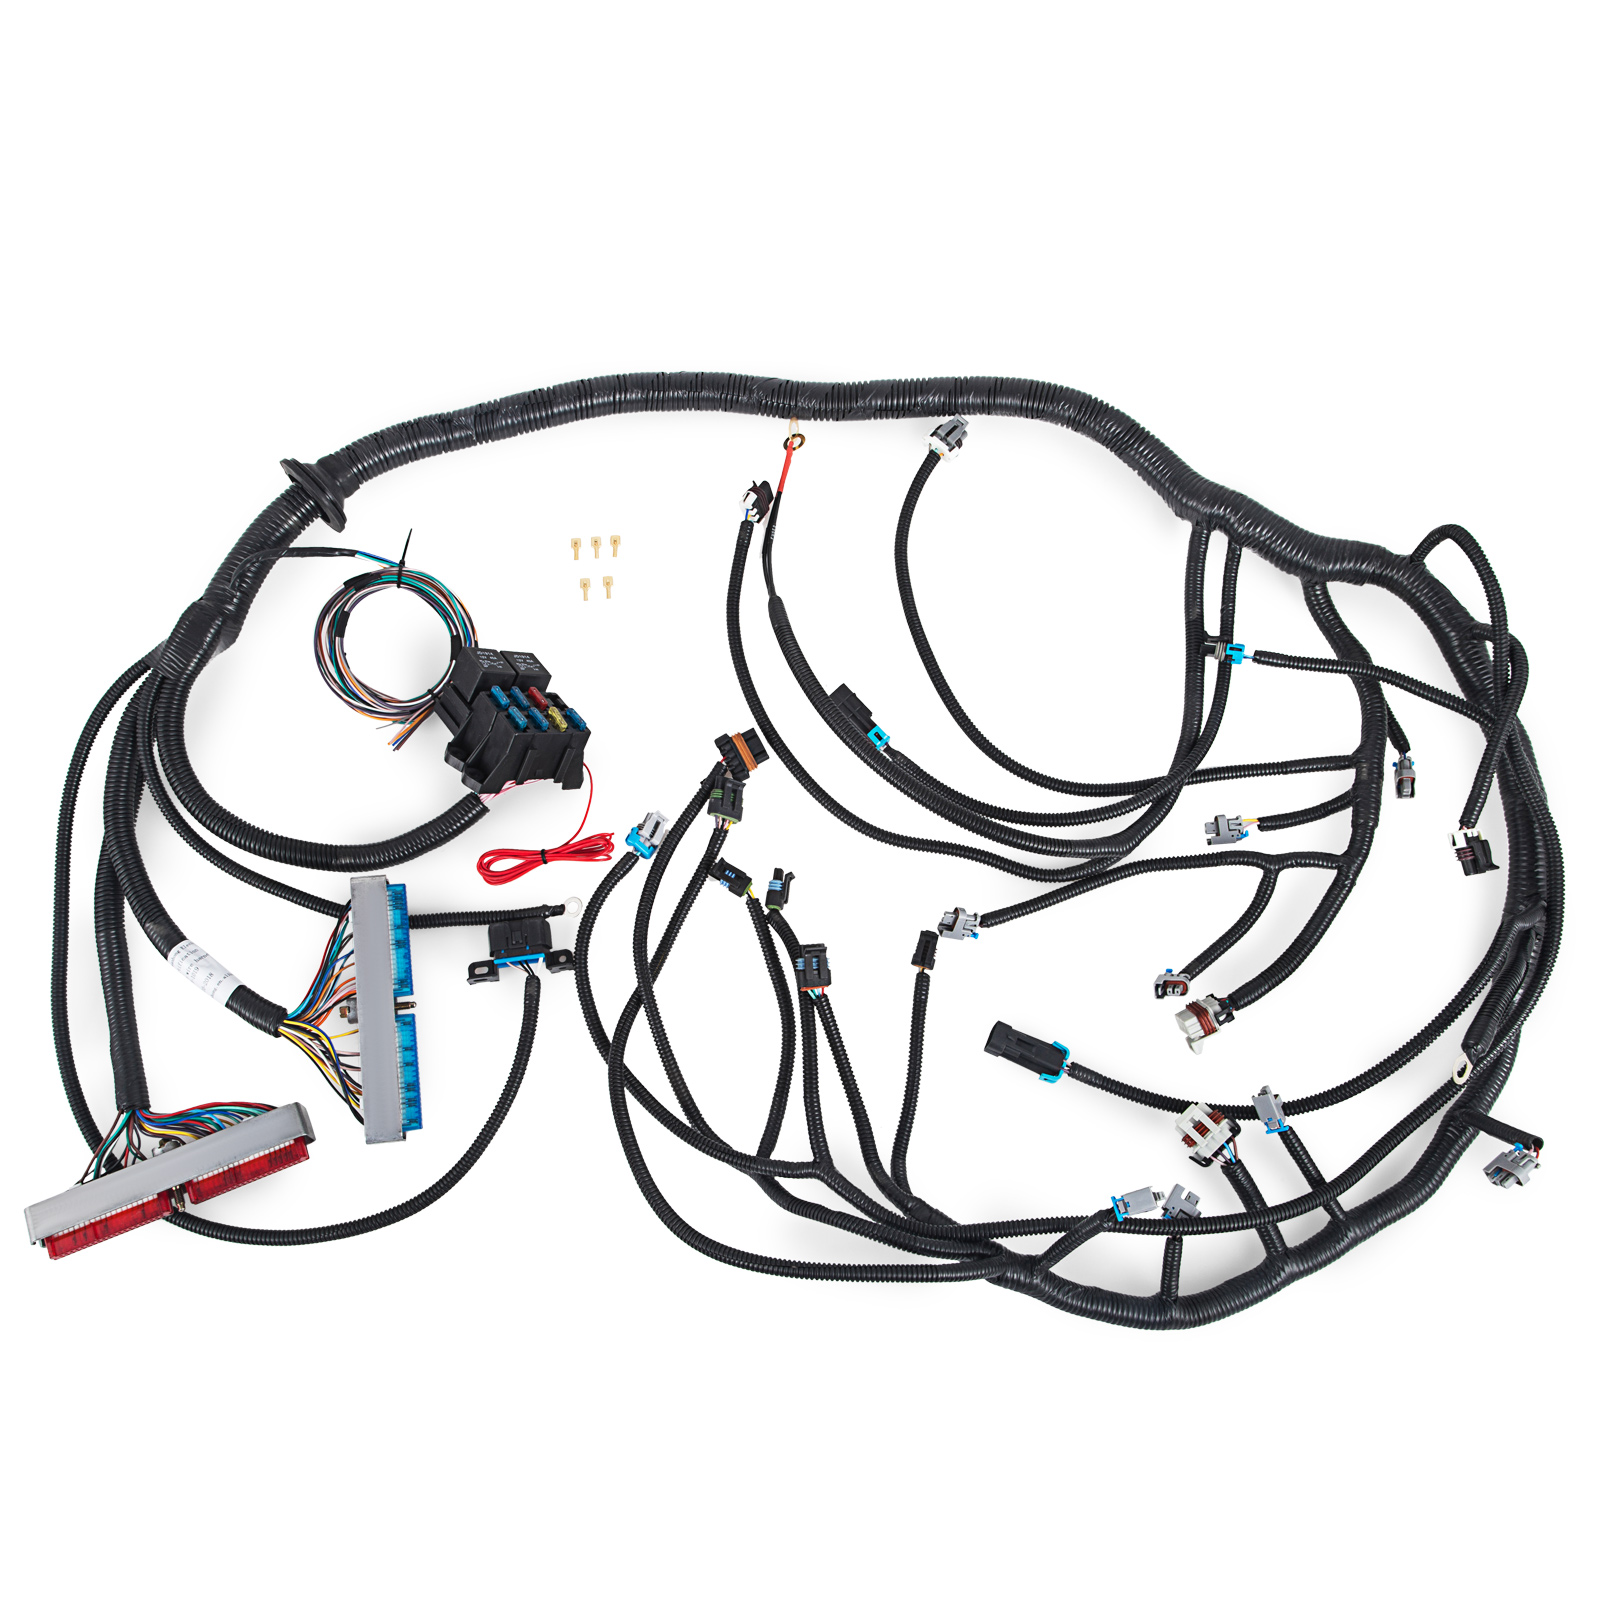 OEM Wire Harness 1999-2003 LS1/LSX Standalone W/ T56 (DBC